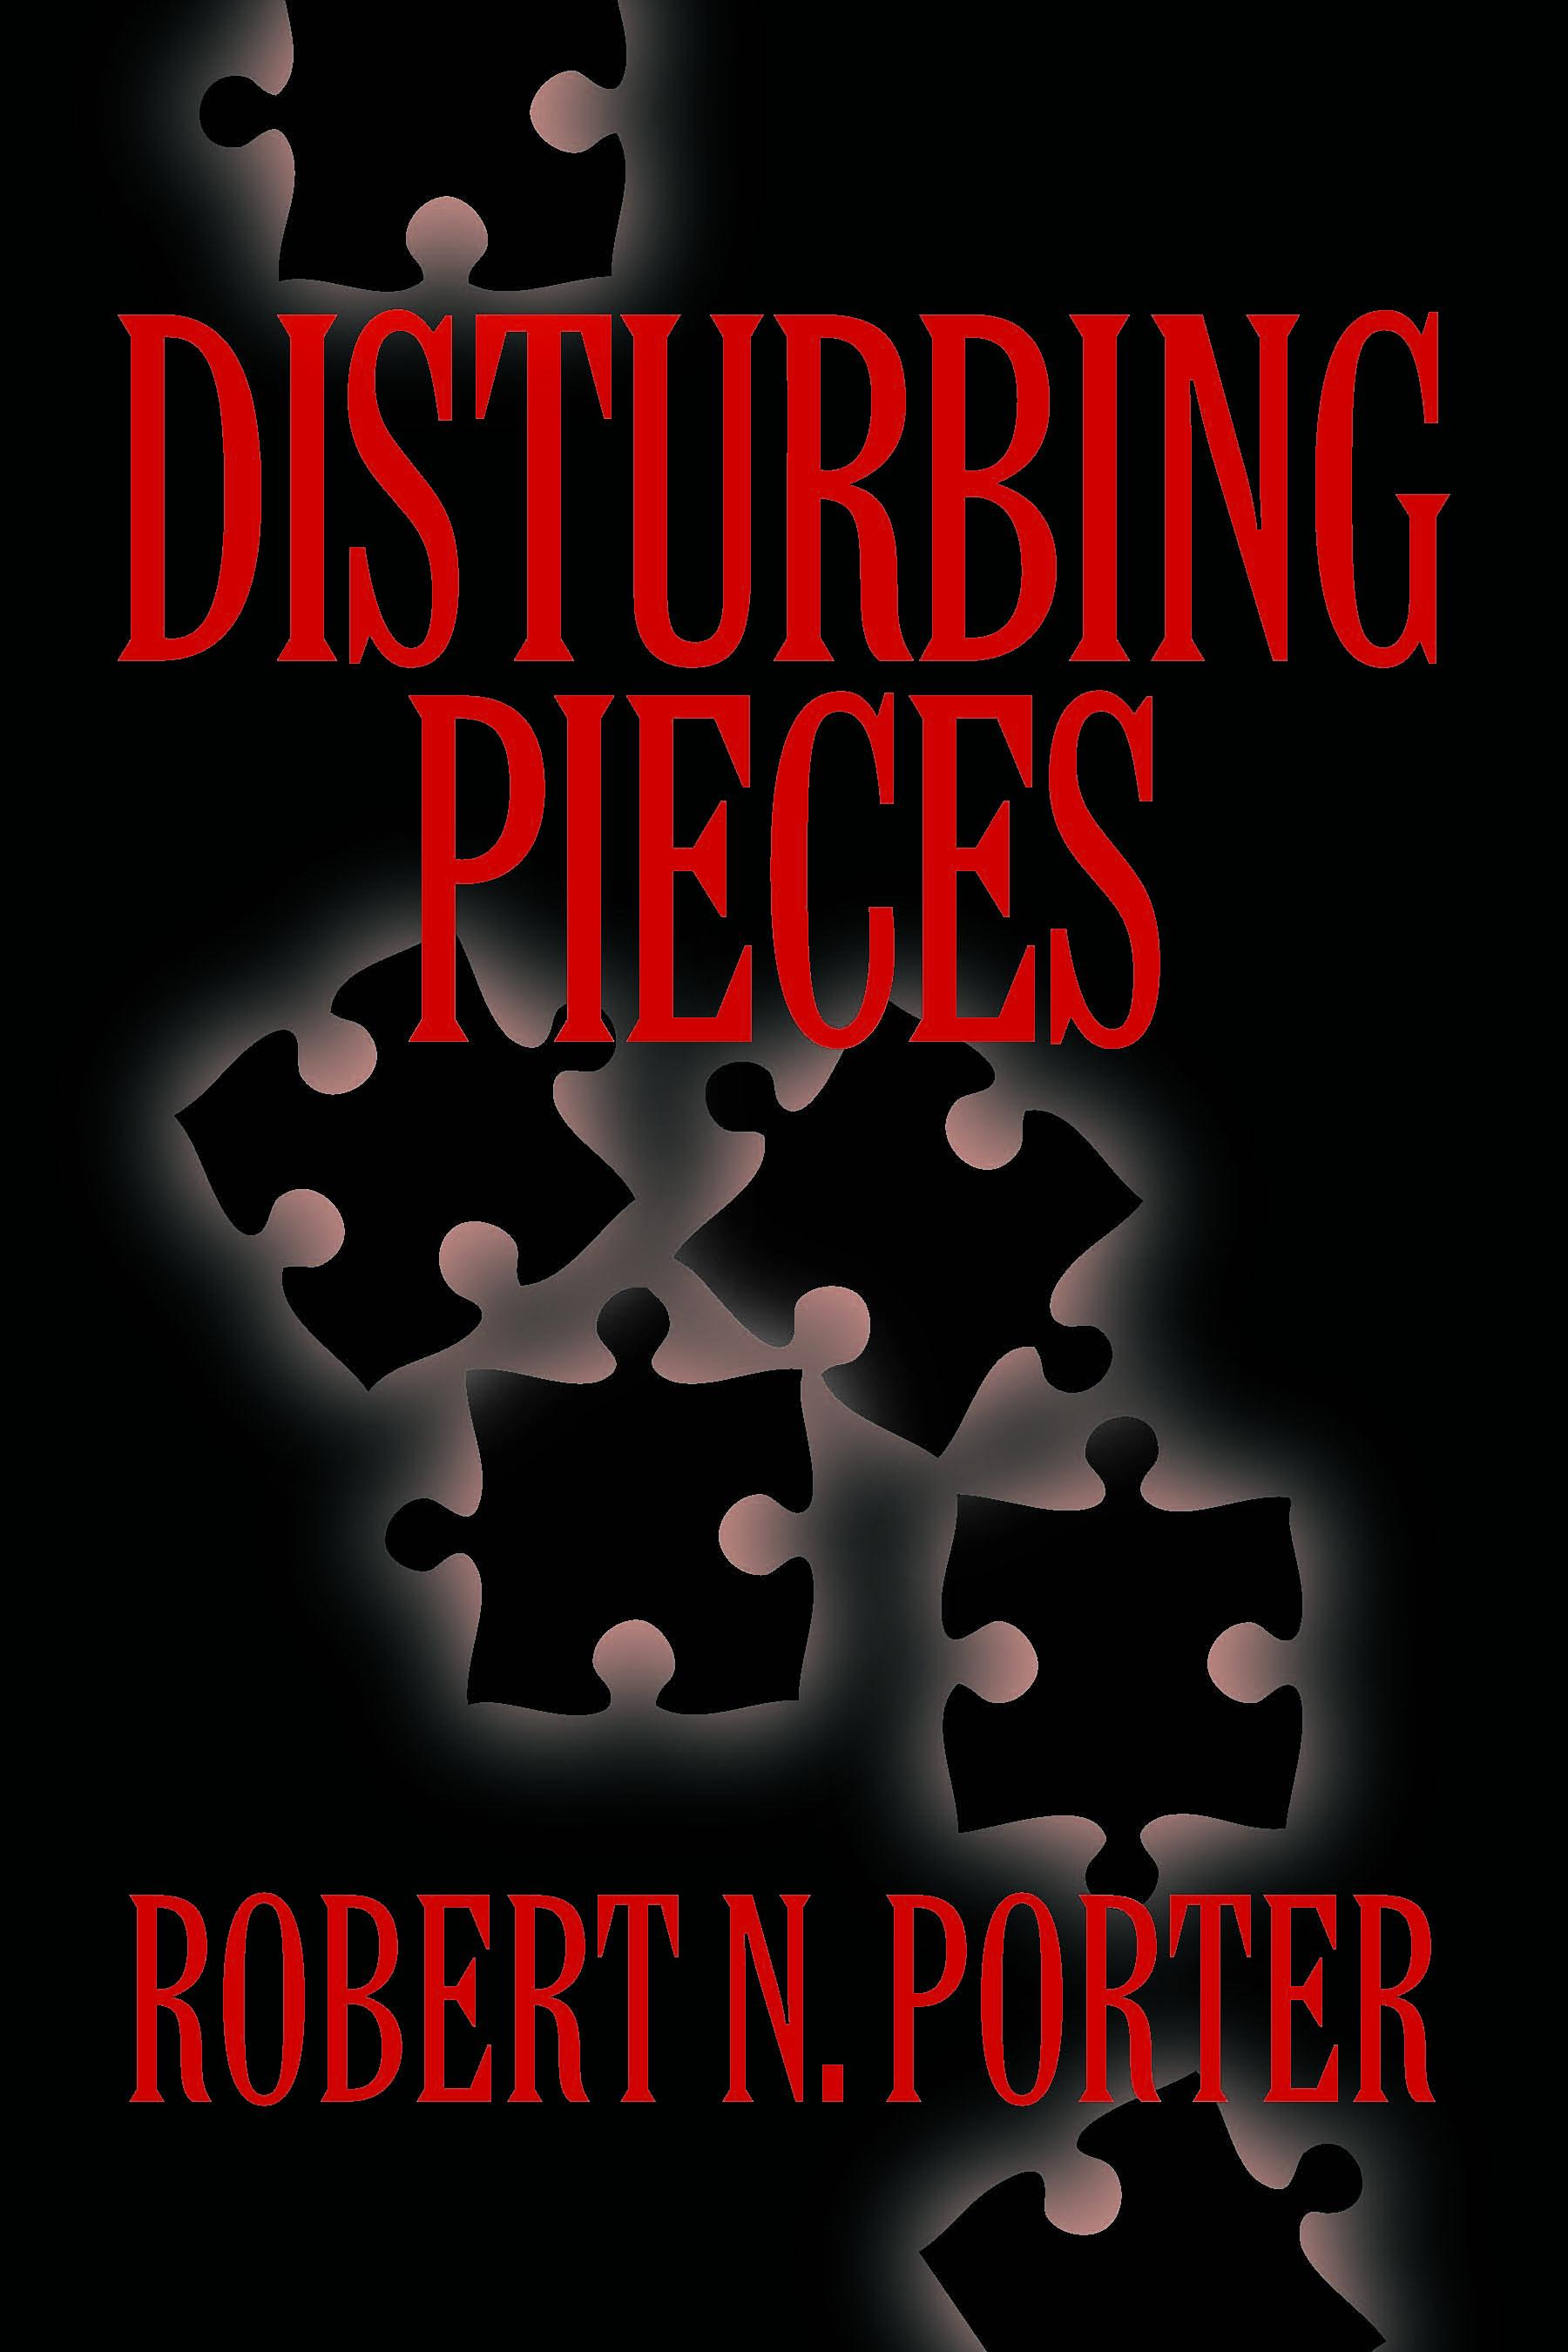 Disturbing pieces